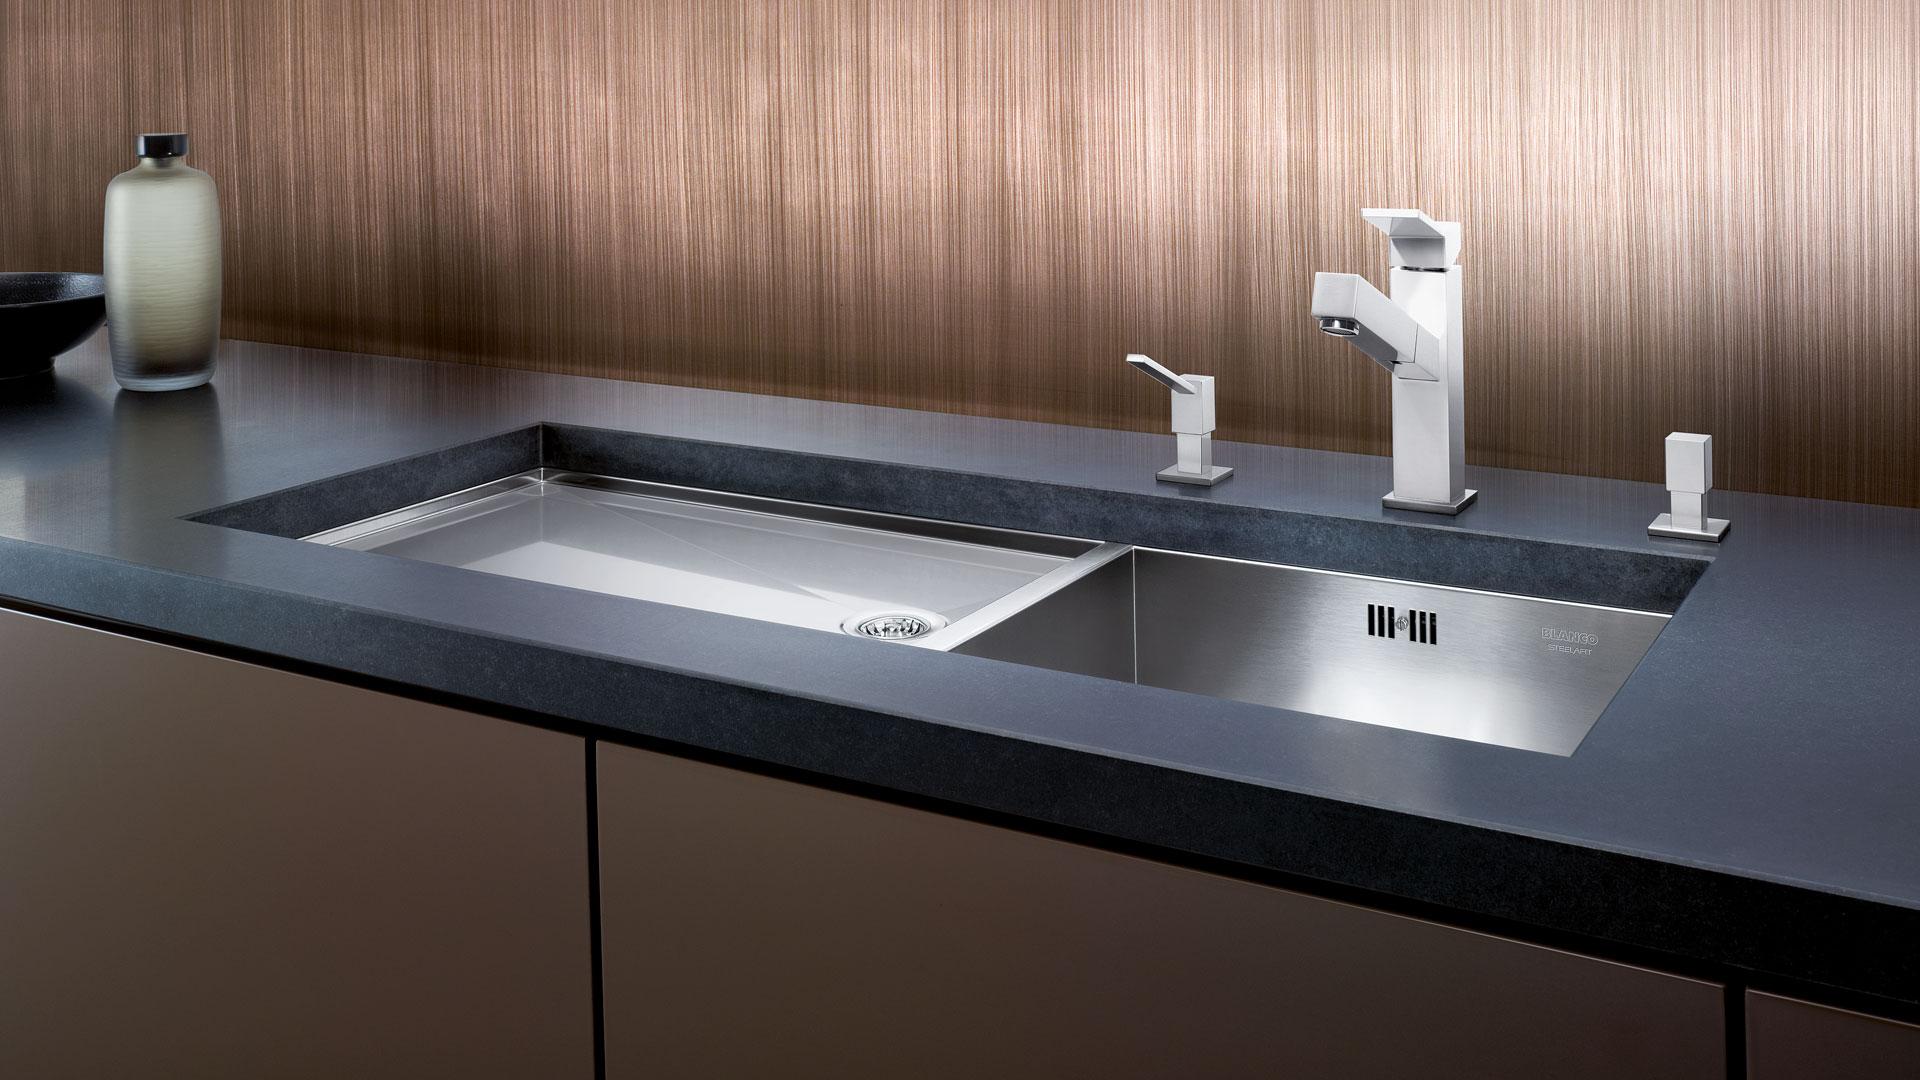 Nett Küchenspülen Uk Billig Galerie - Küche Set Ideen ...